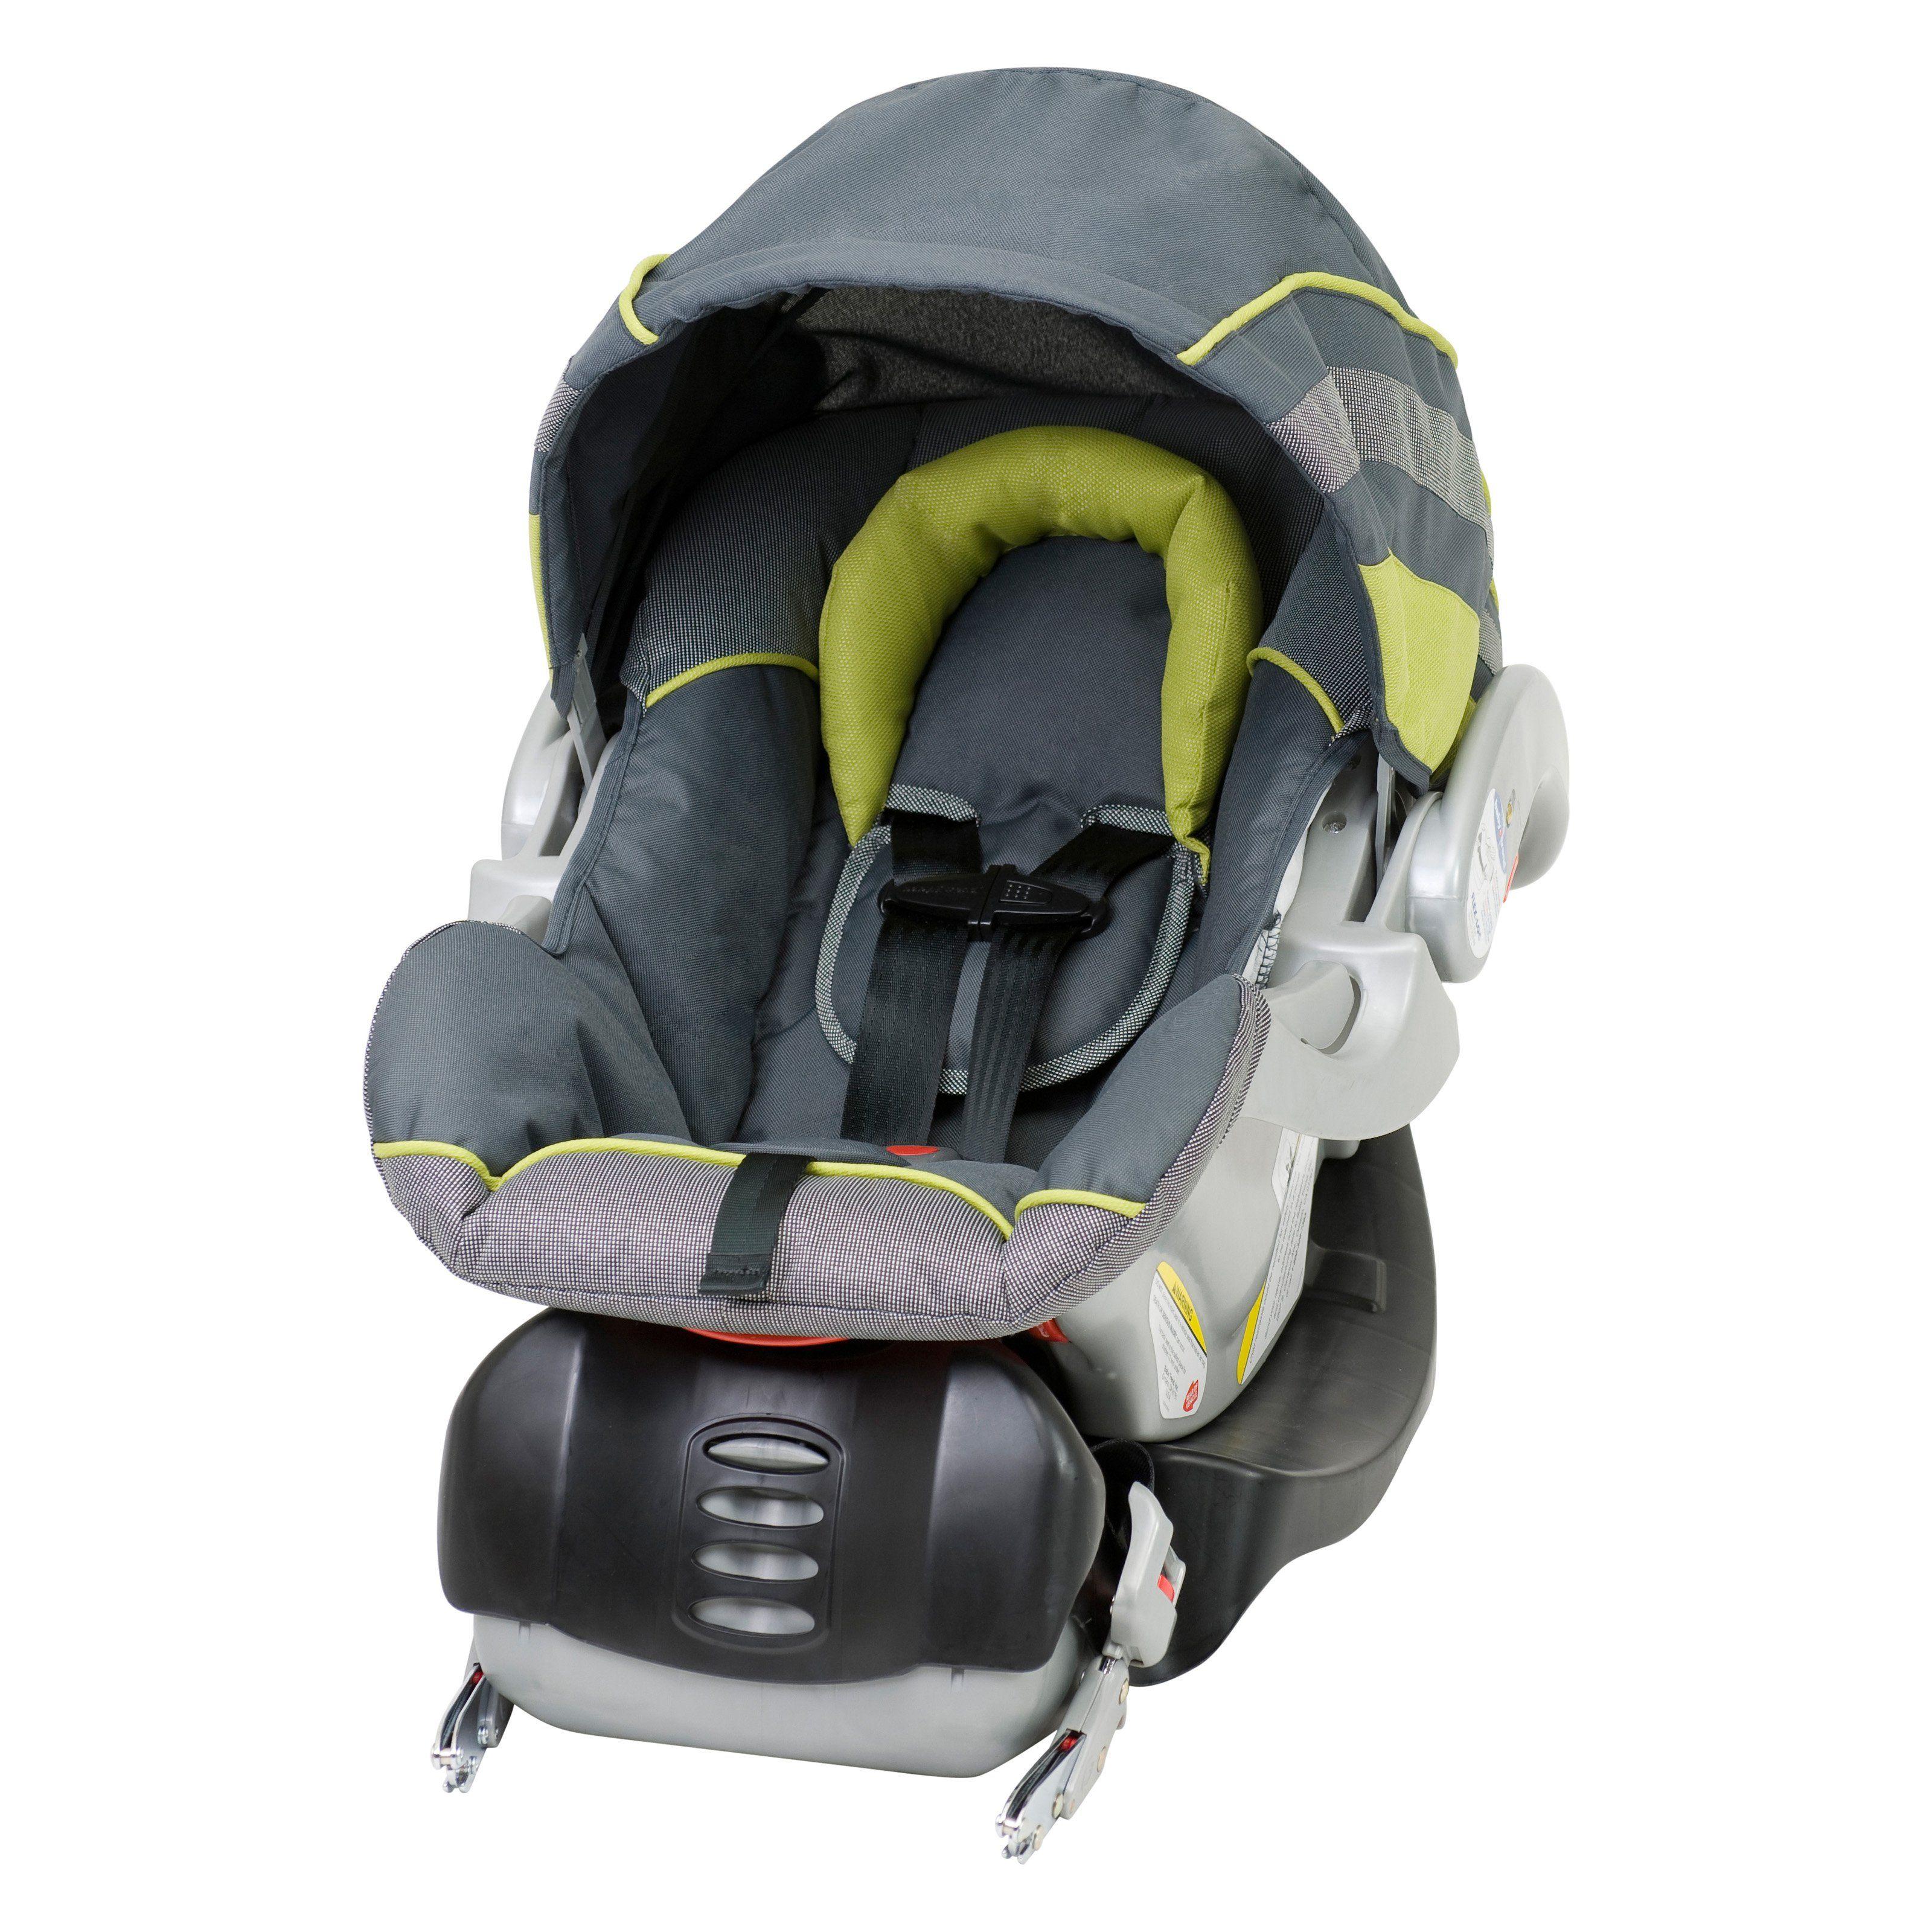 Baby Trend Flex Loc Infant Car Seat Carbon CS41710